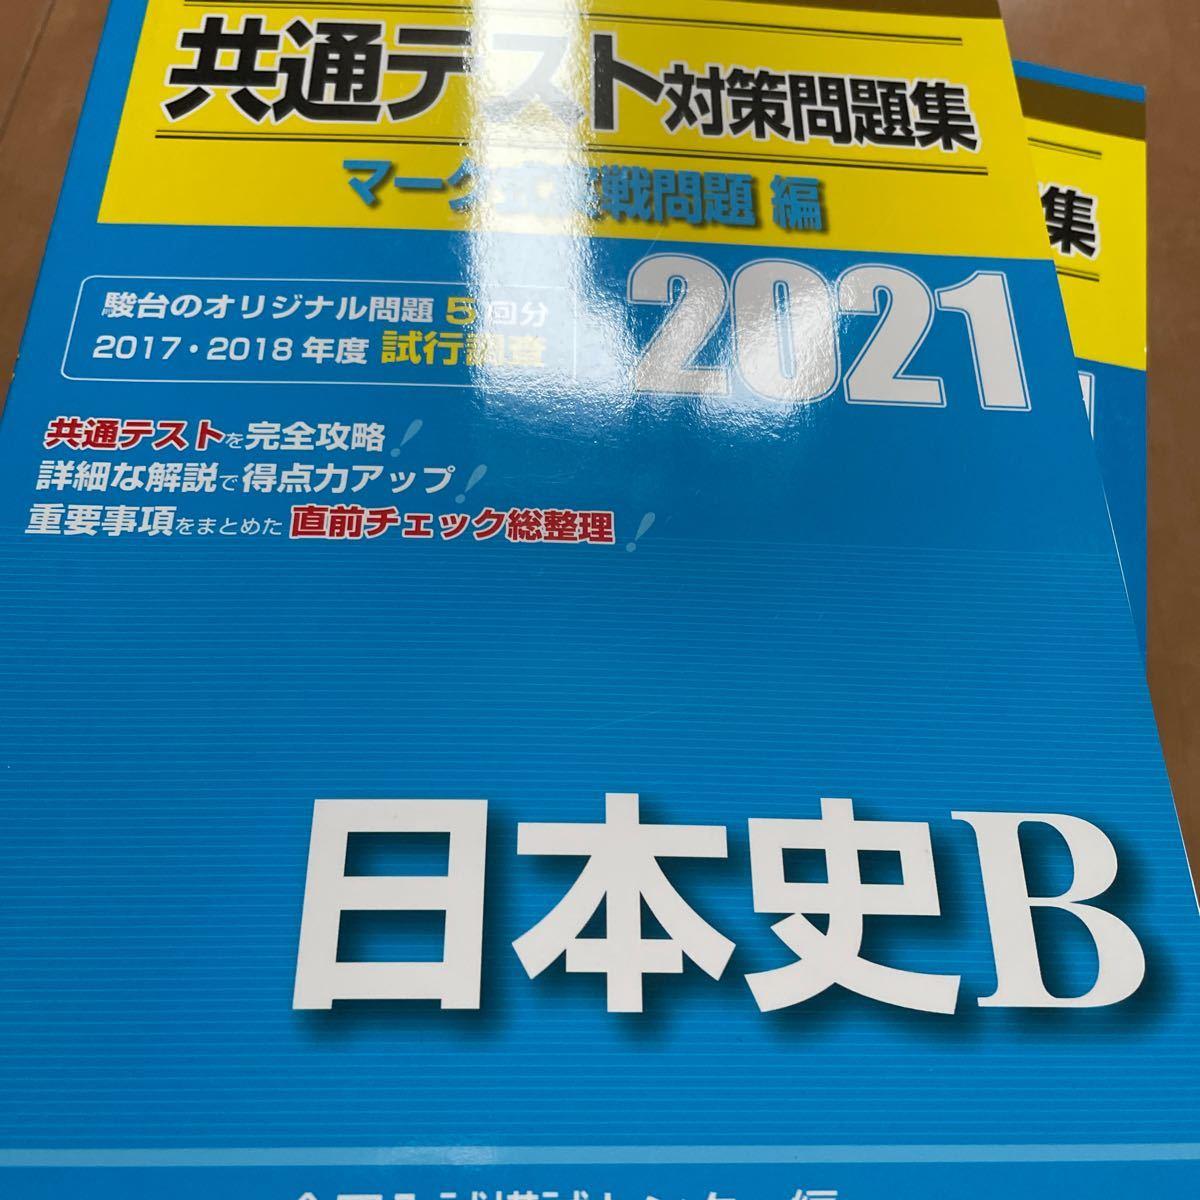 共通テスト対策問題集マーク式実戦問題編日本史B 2021年版/全国入試模試センター